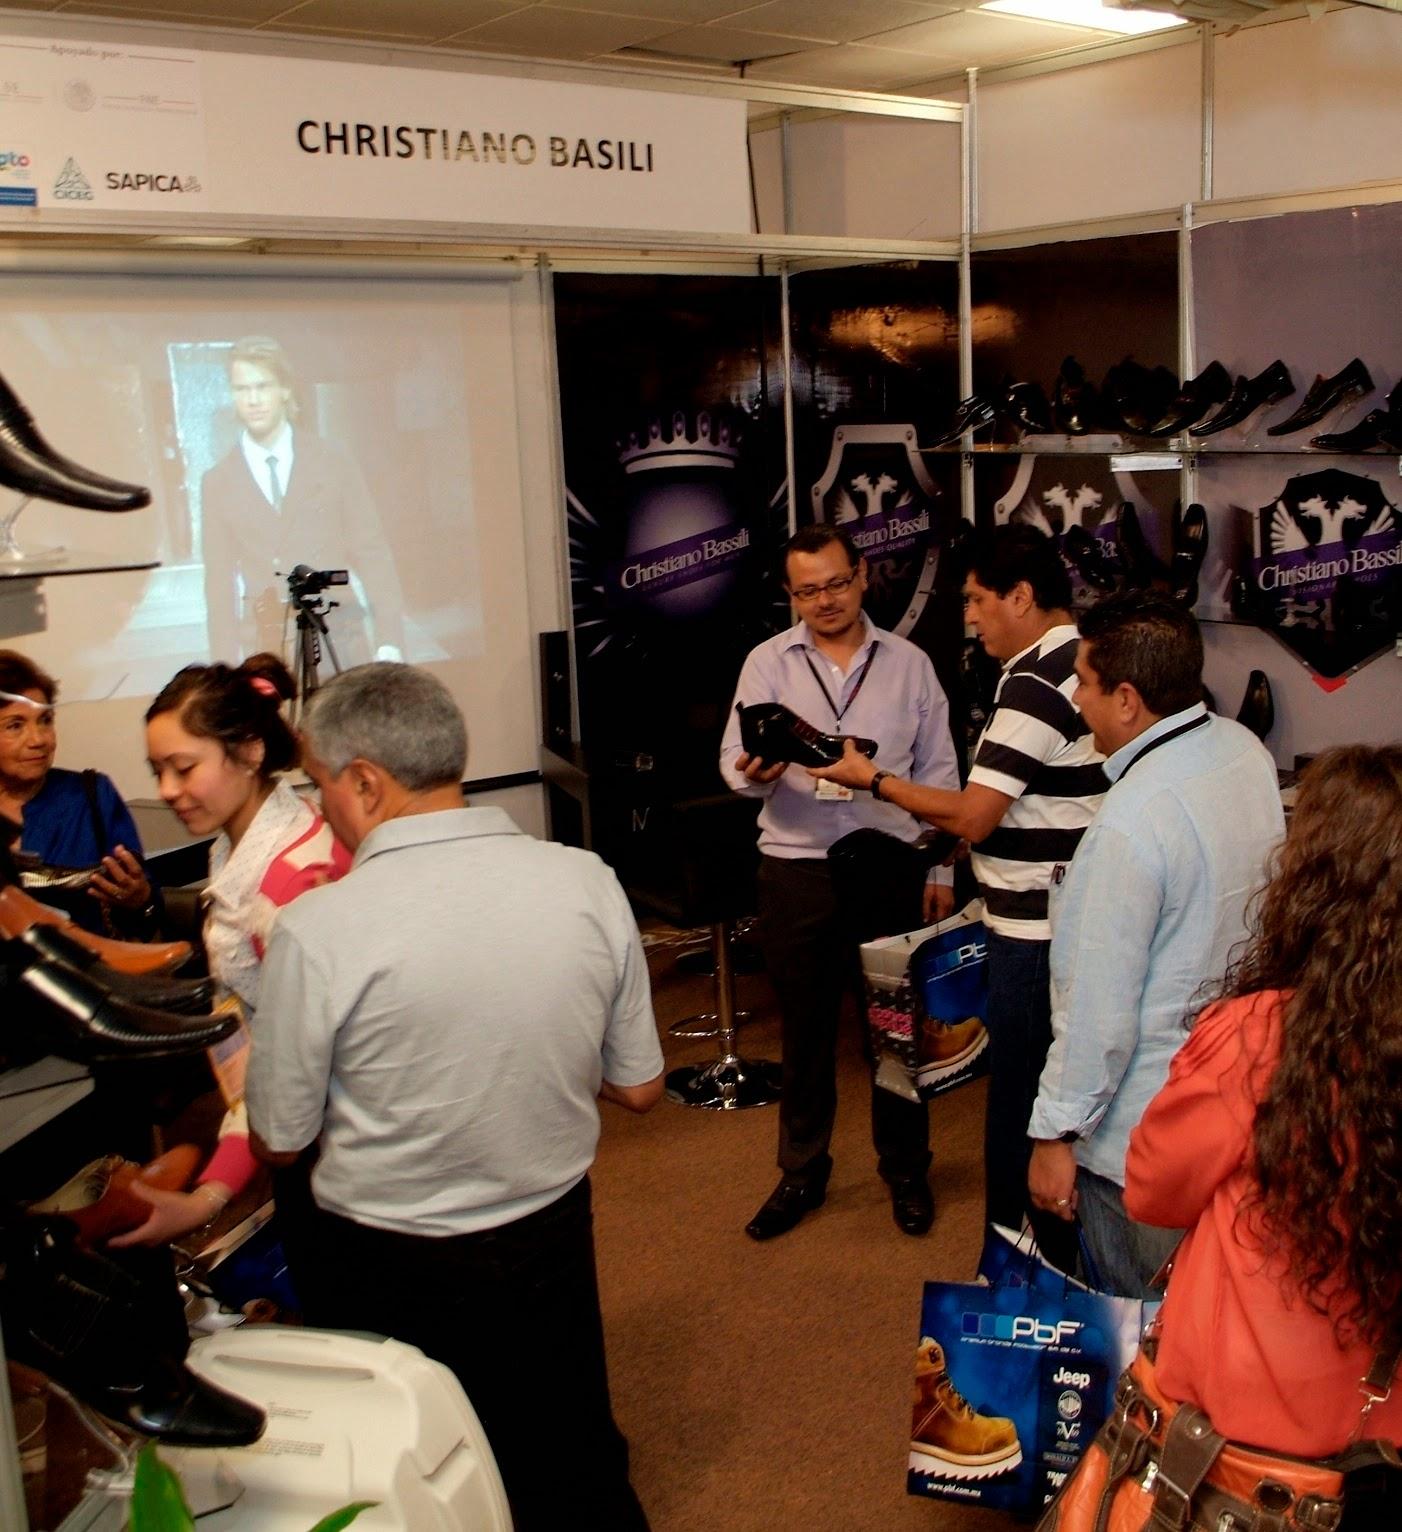 calzado mexicano, sapica, cristiano bassili, moda, diseño, compradores